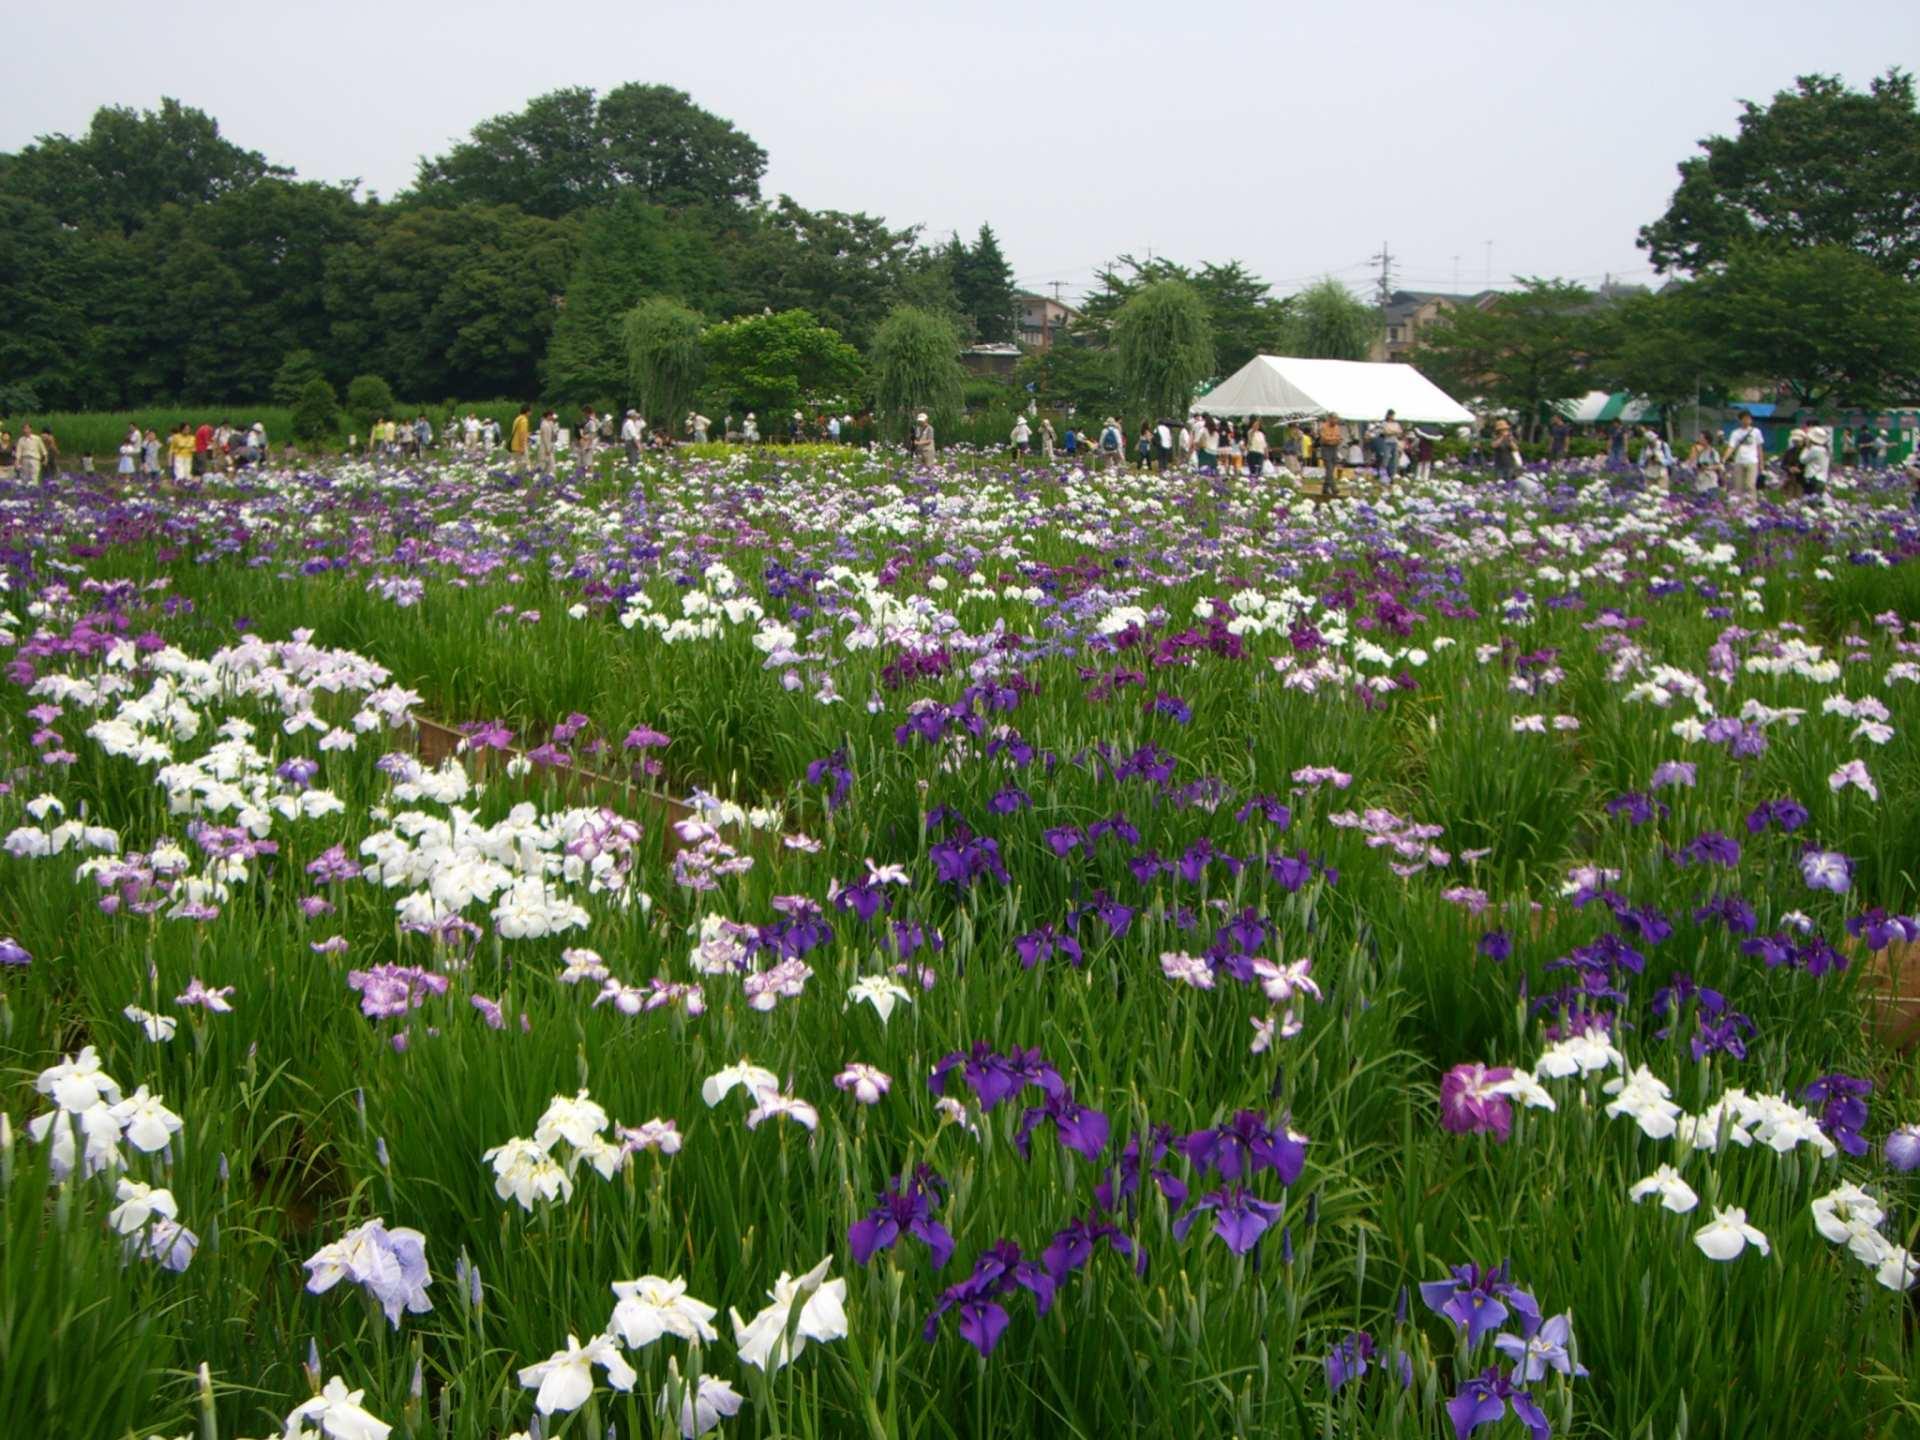 6月上旬~7月上旬是百合花全開的季節